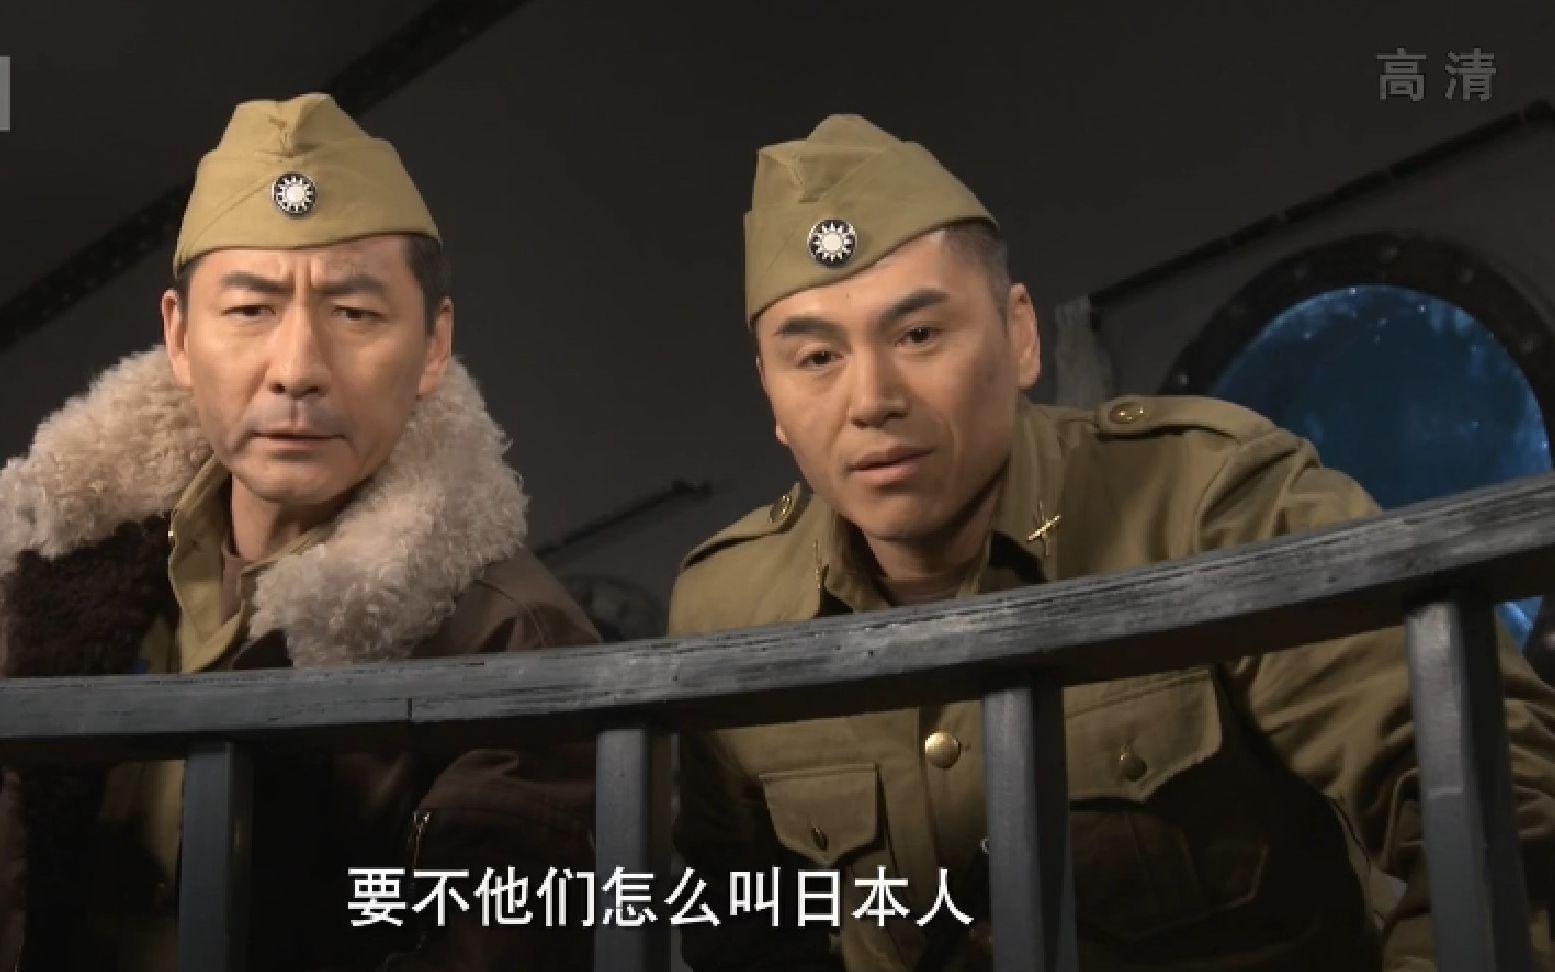 燕双鹰:日本人名字的由来 燕双鹰系列剪辑